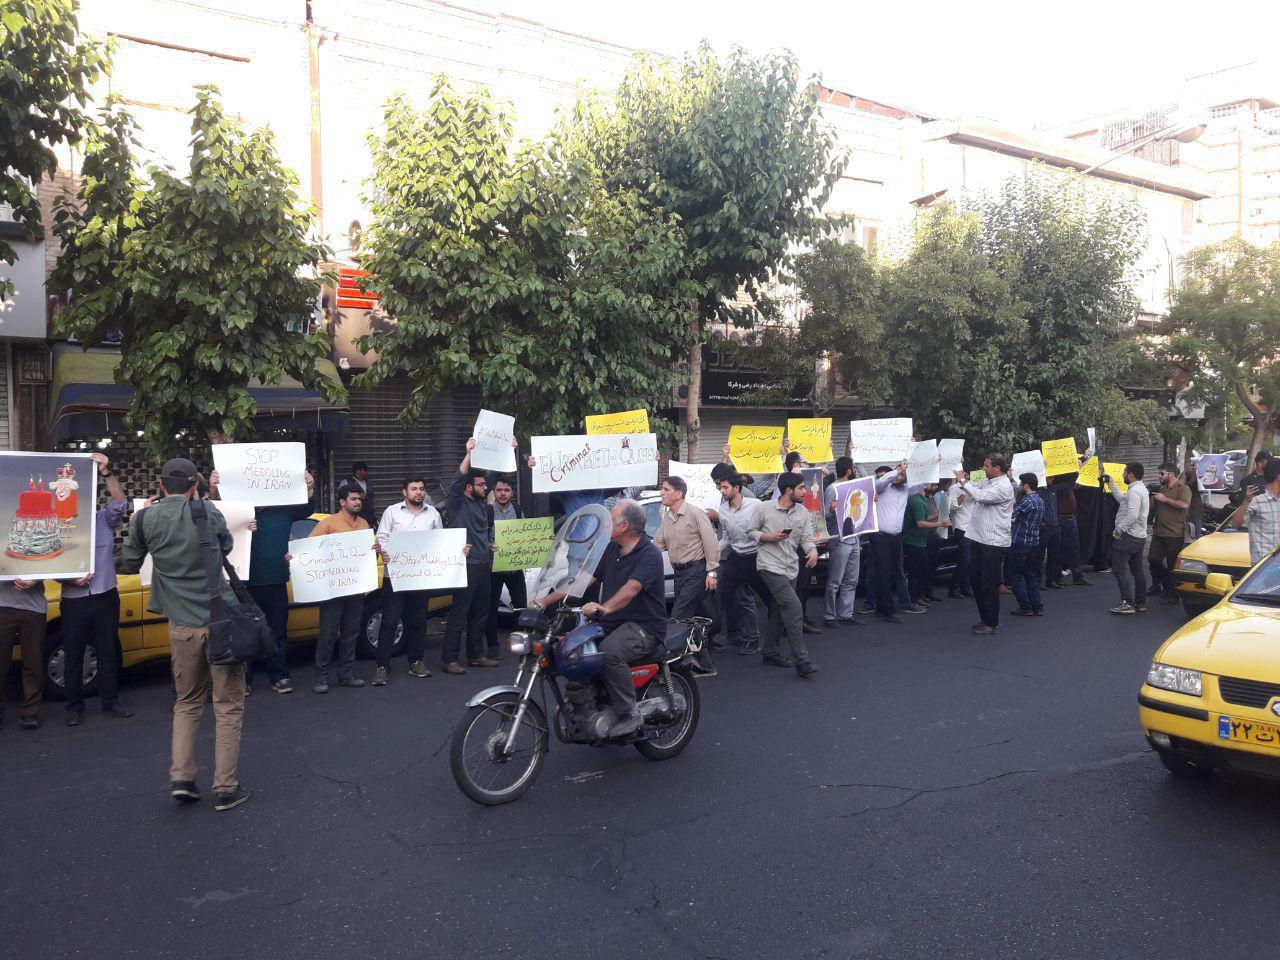 انشا در مورد تولد تجمع دانشجویان بسیجی در تهران در اعتراض به برگزاری جشن ...